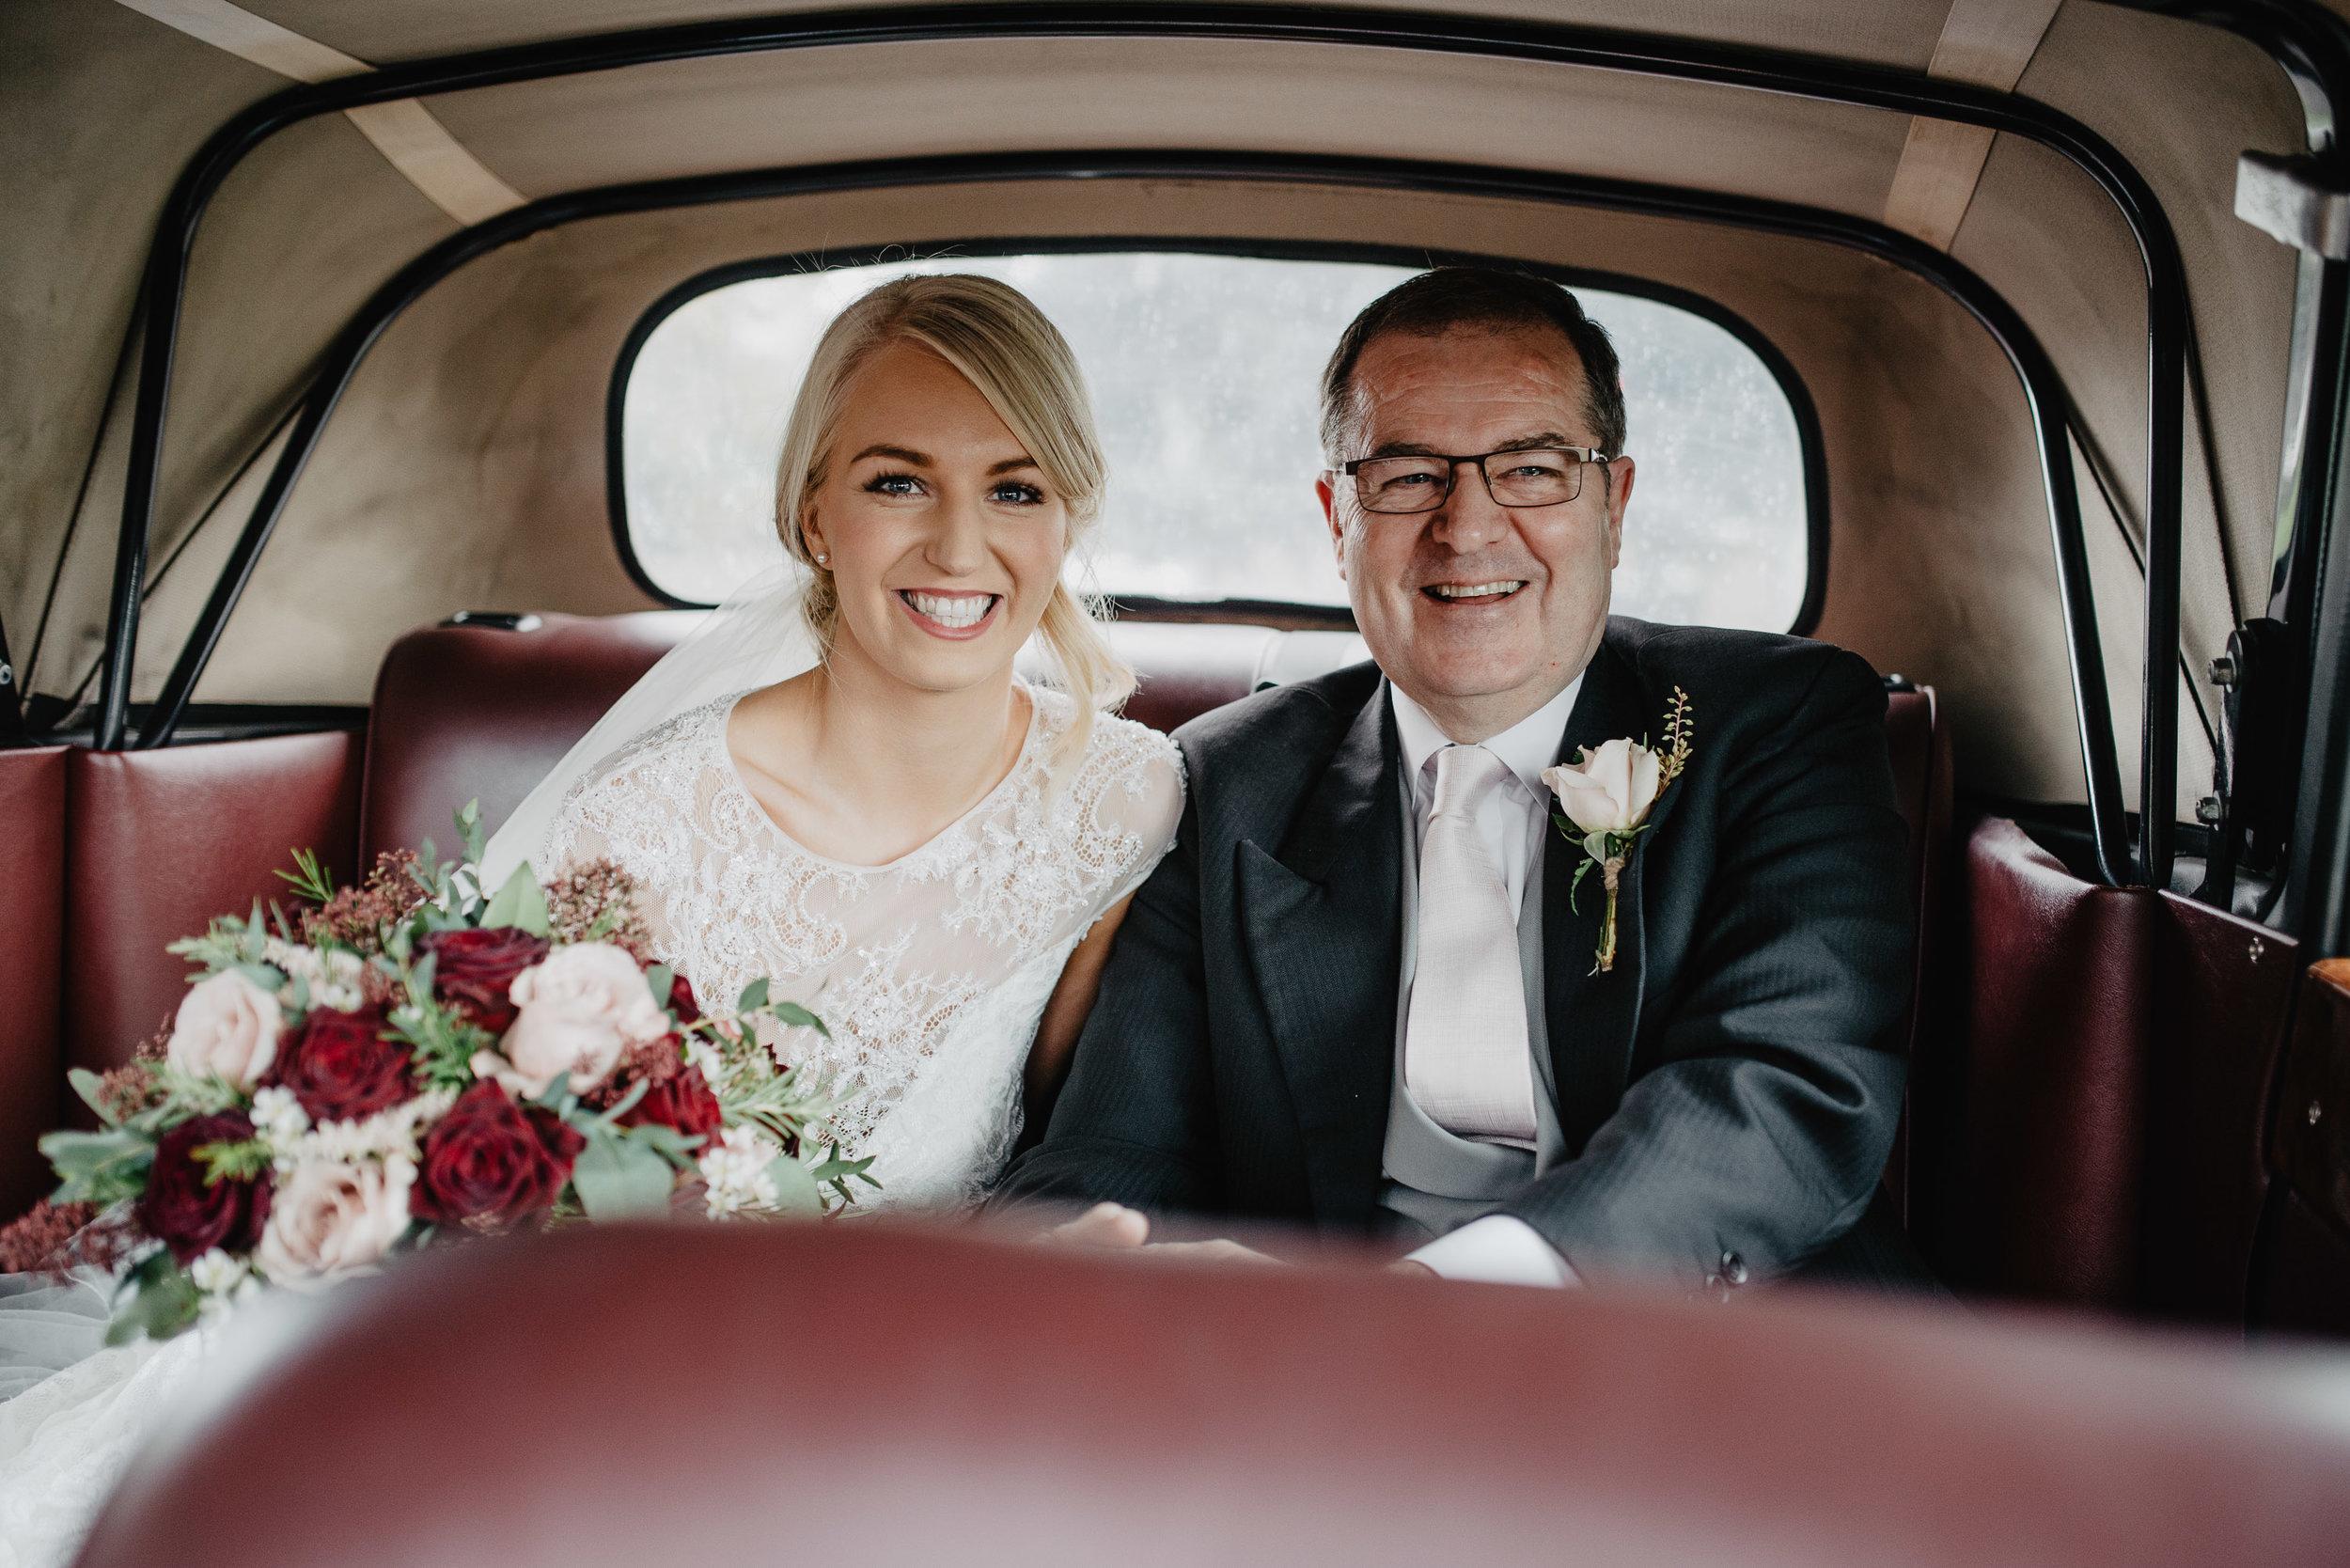 larchfield estate wedding photos-35.jpg